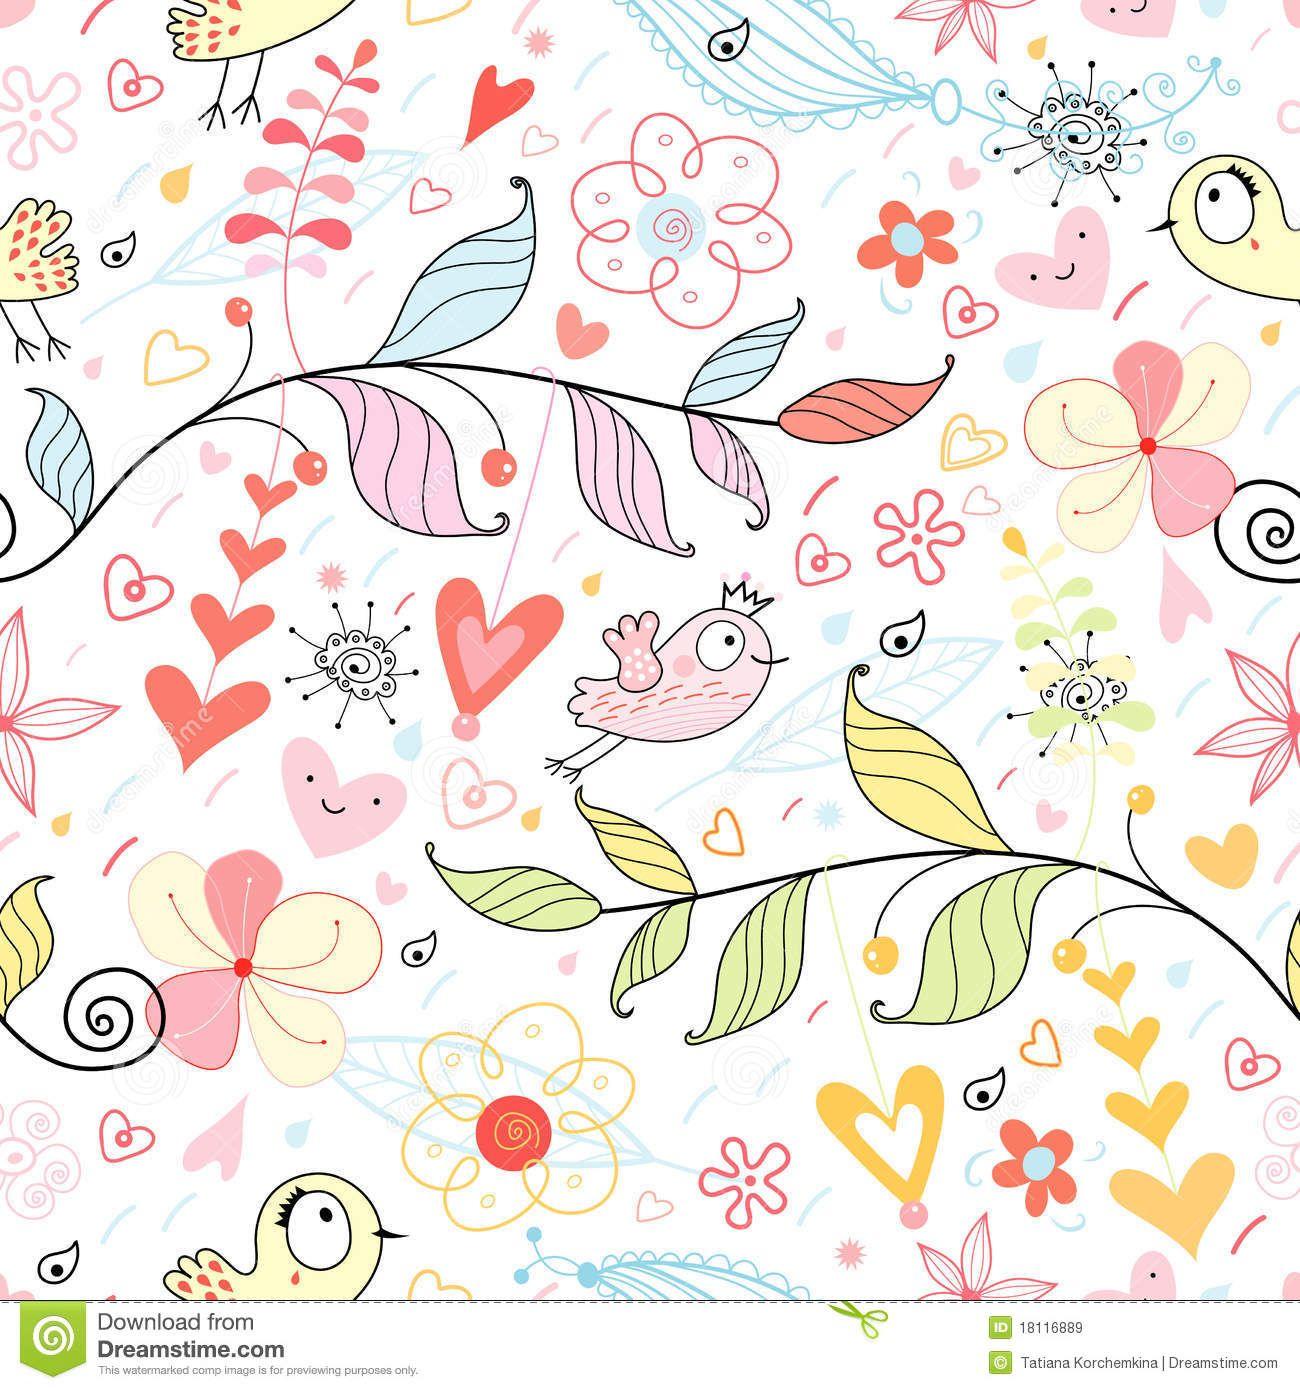 Papel decorativo de corazones buscar con google for Fotos de papel decorativo